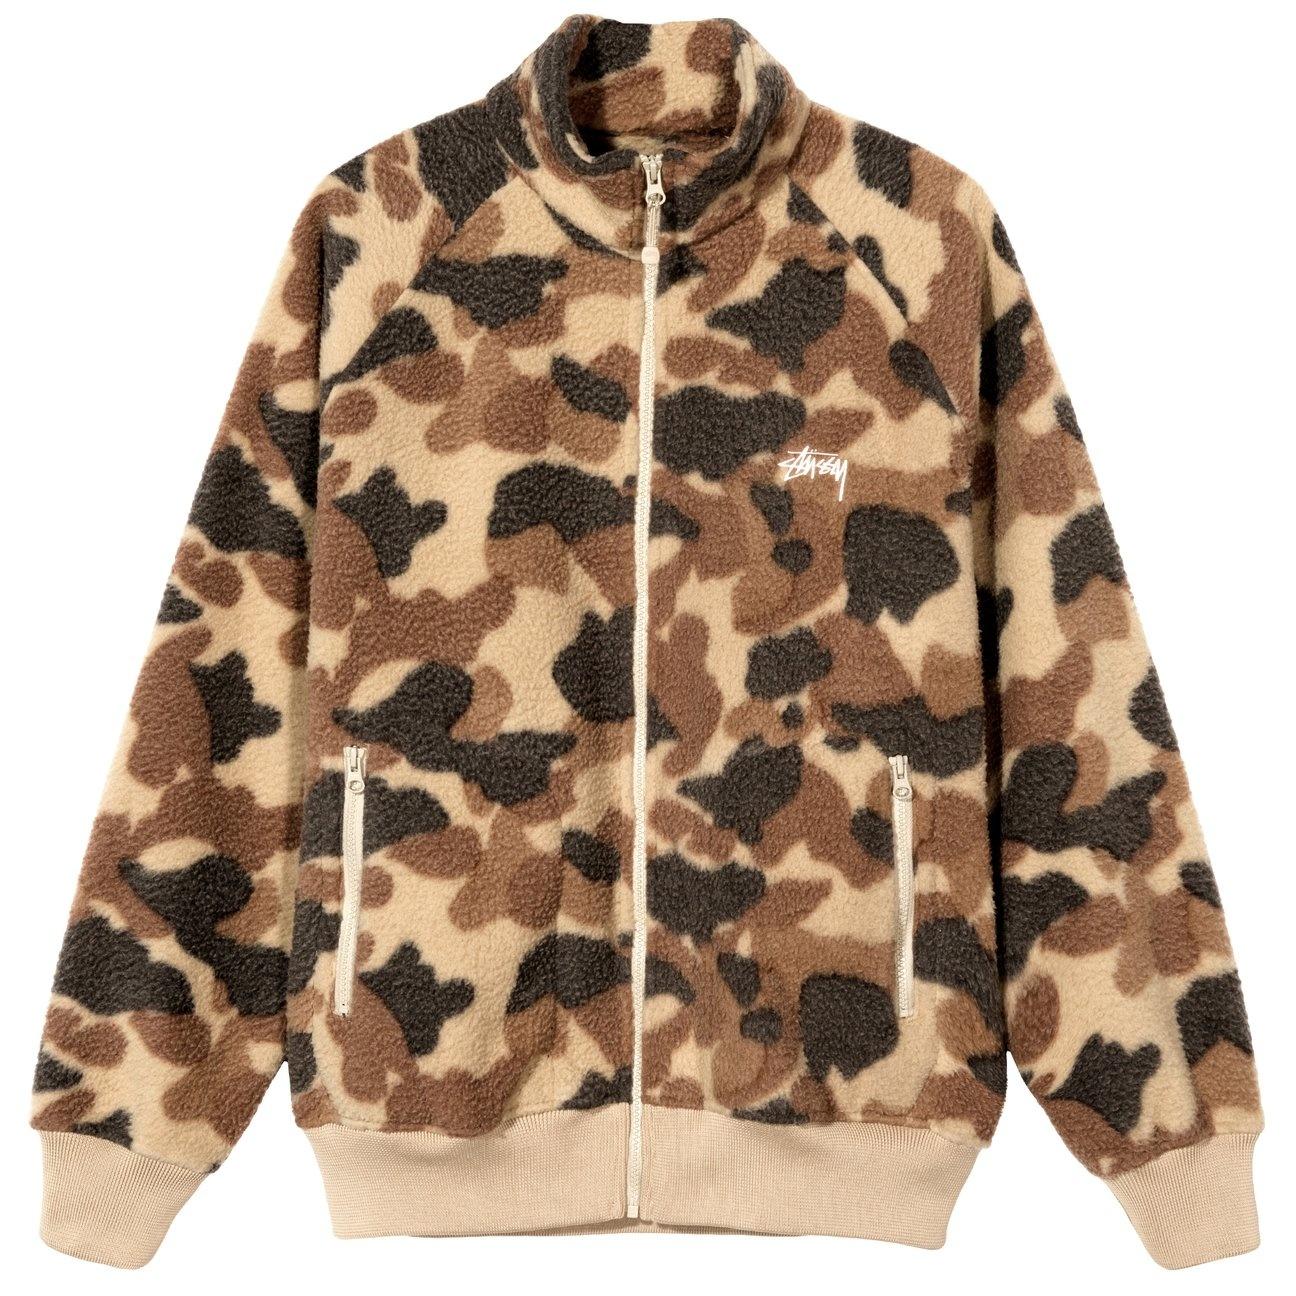 Stussy Stussy Camo Fleece Jacket Camo